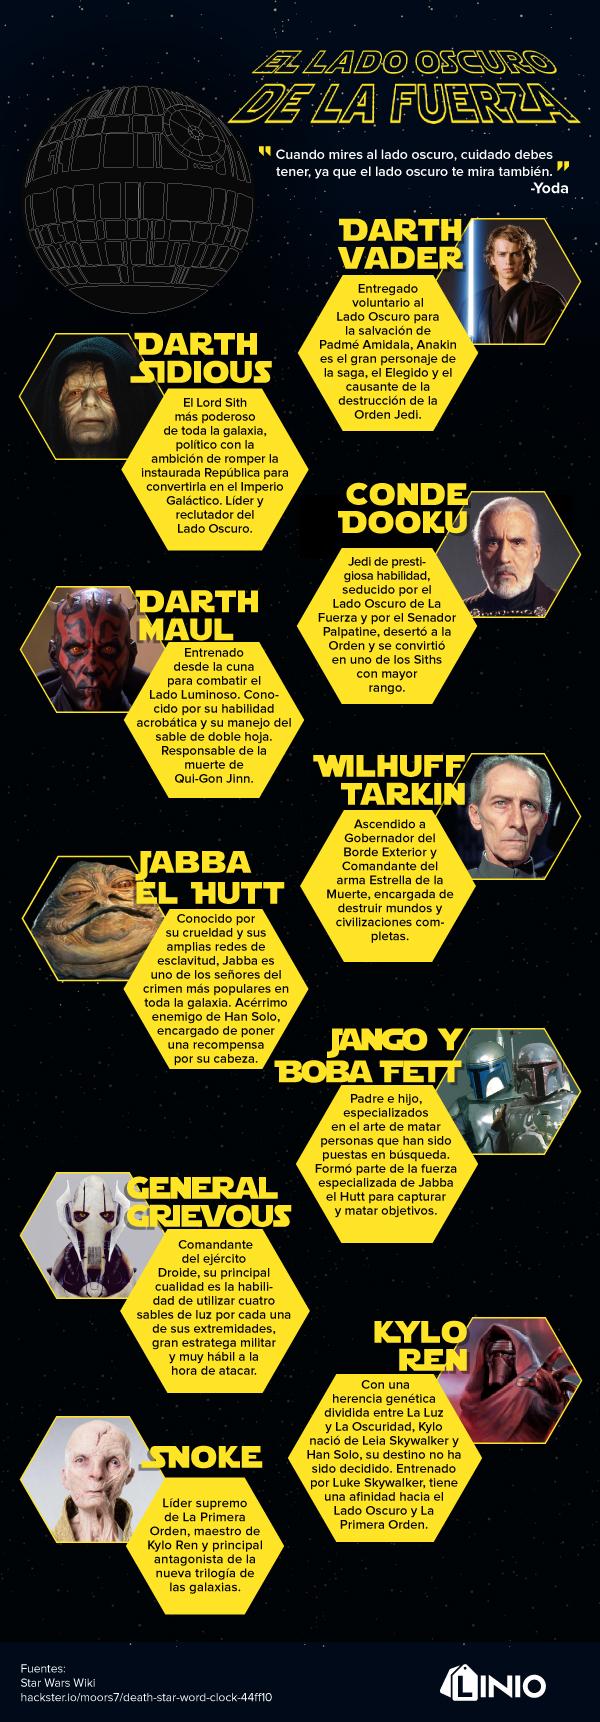 [Infografía] El Lado Oscuro de la Fuerza, los grandes villanos de la galaxia - infografia_star-wars17